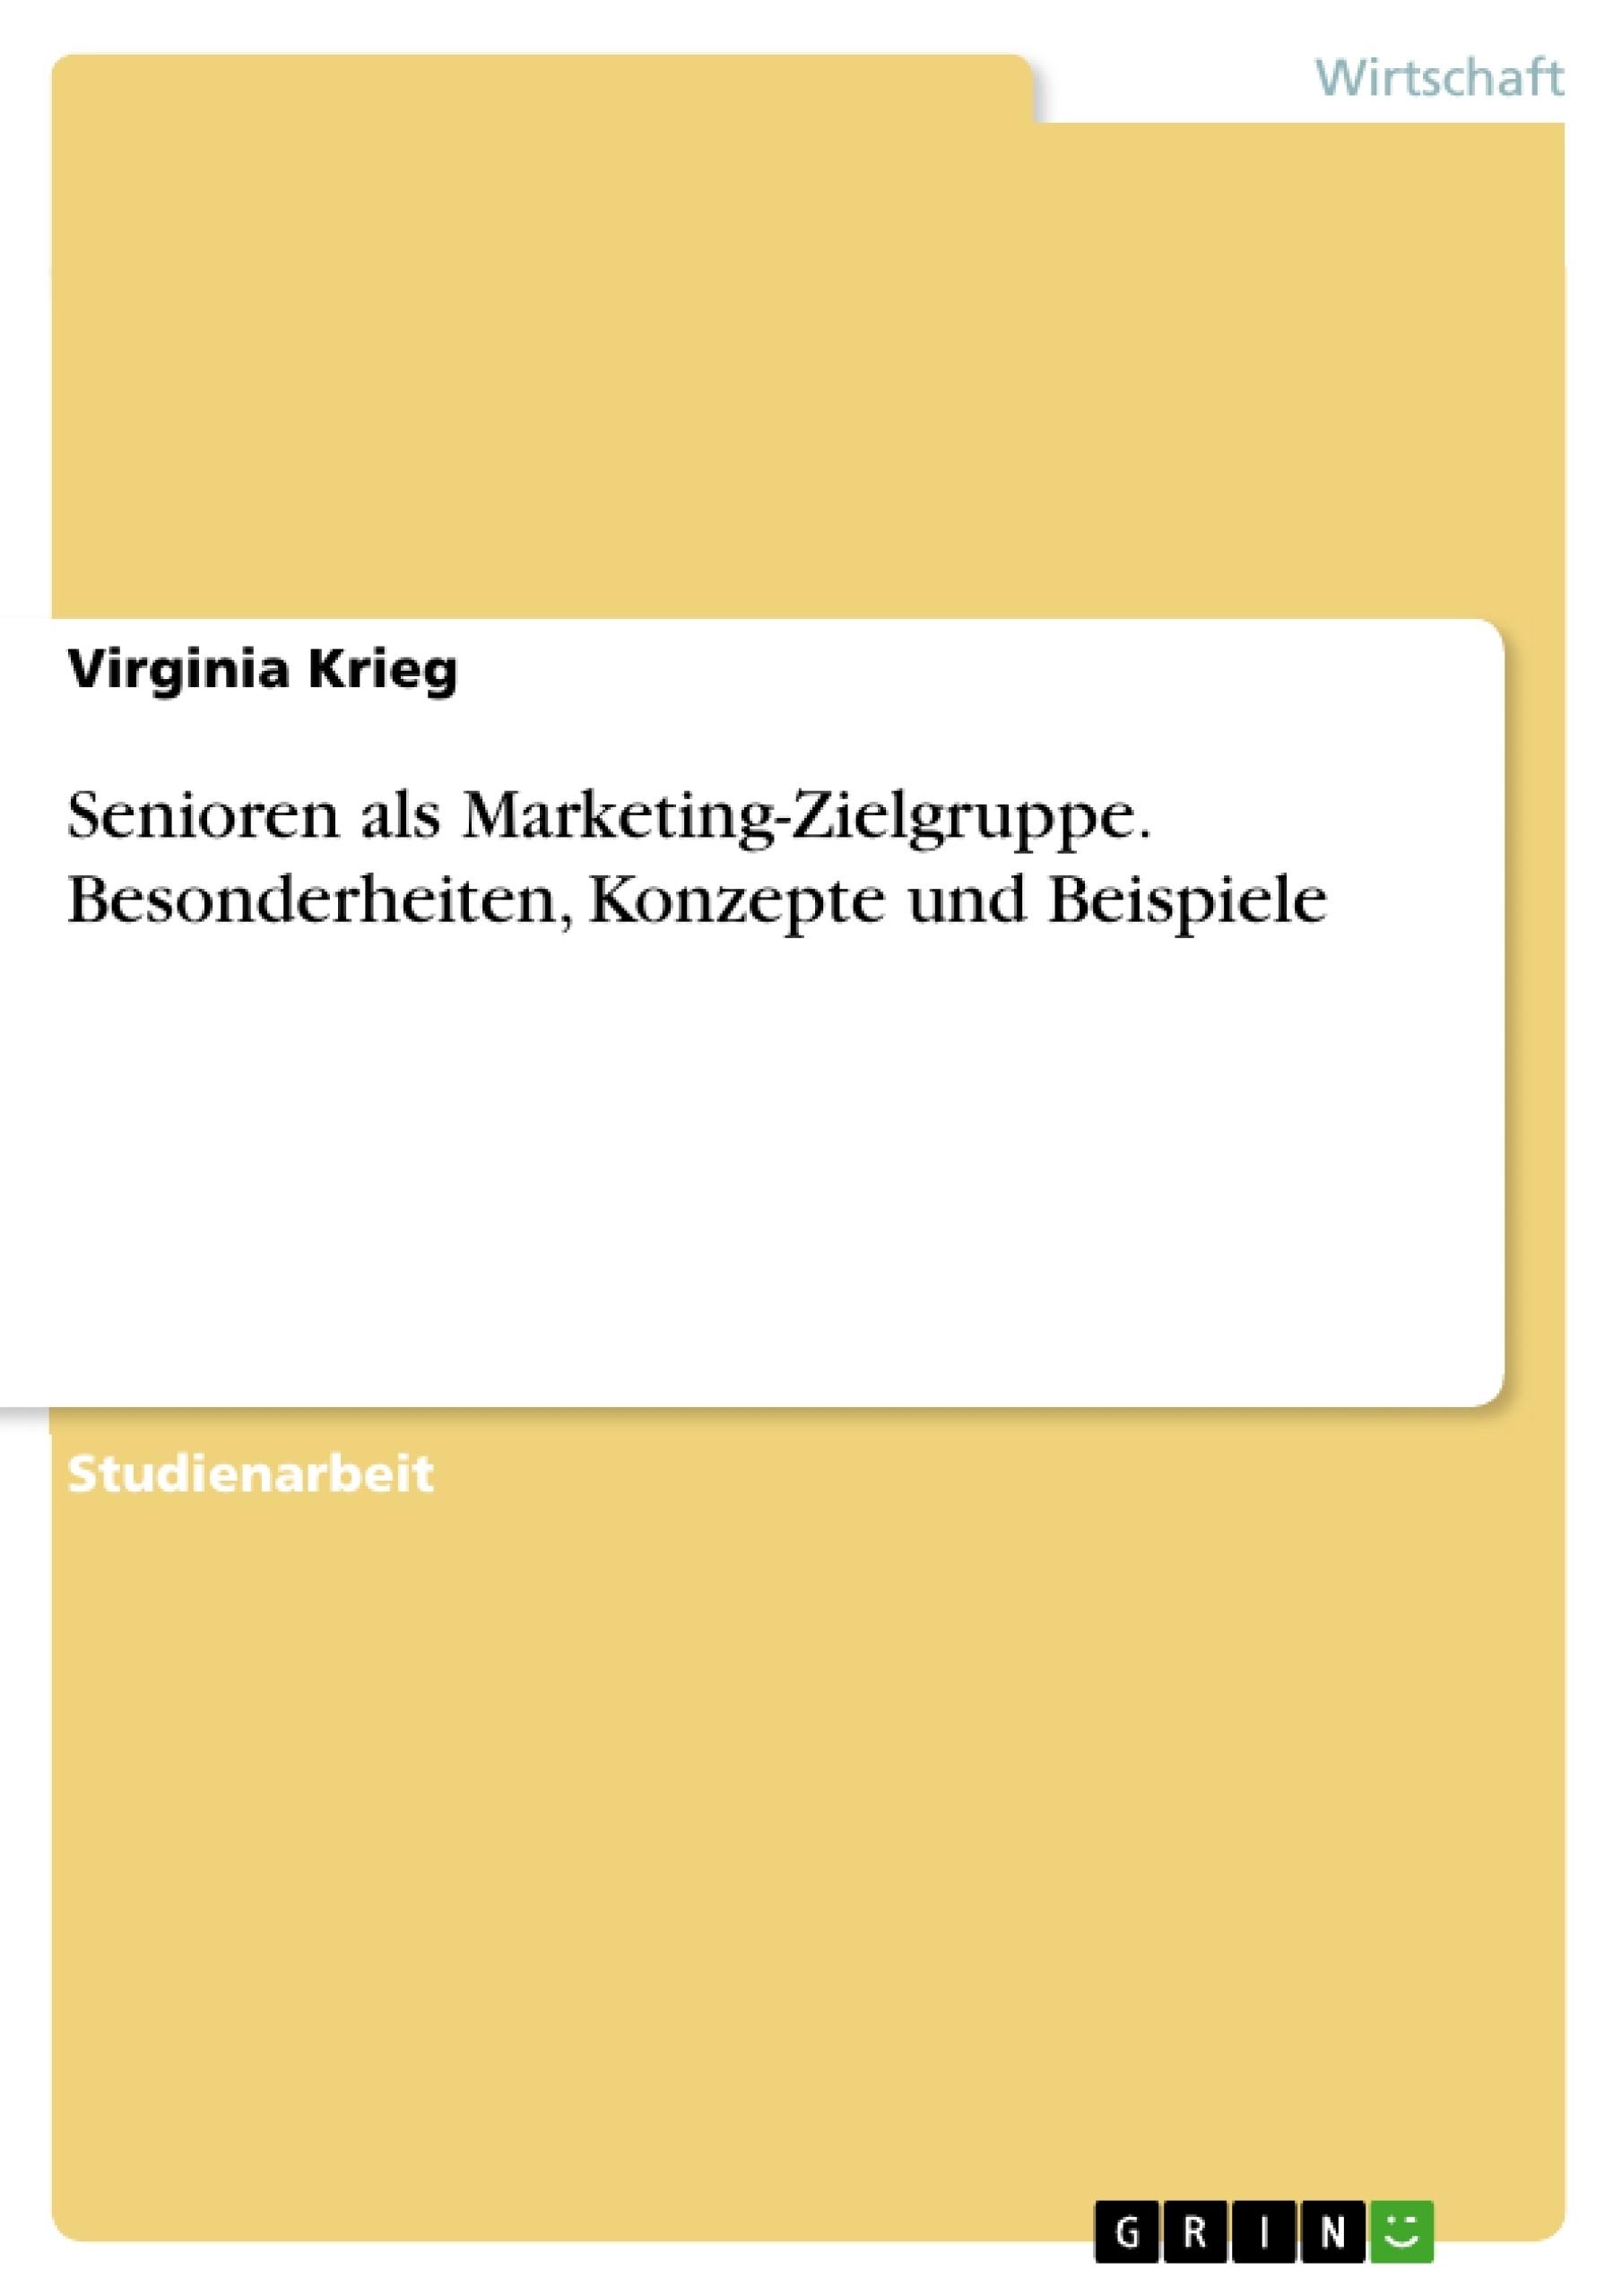 Titel: Senioren als Marketing-Zielgruppe. Besonderheiten, Konzepte und Beispiele